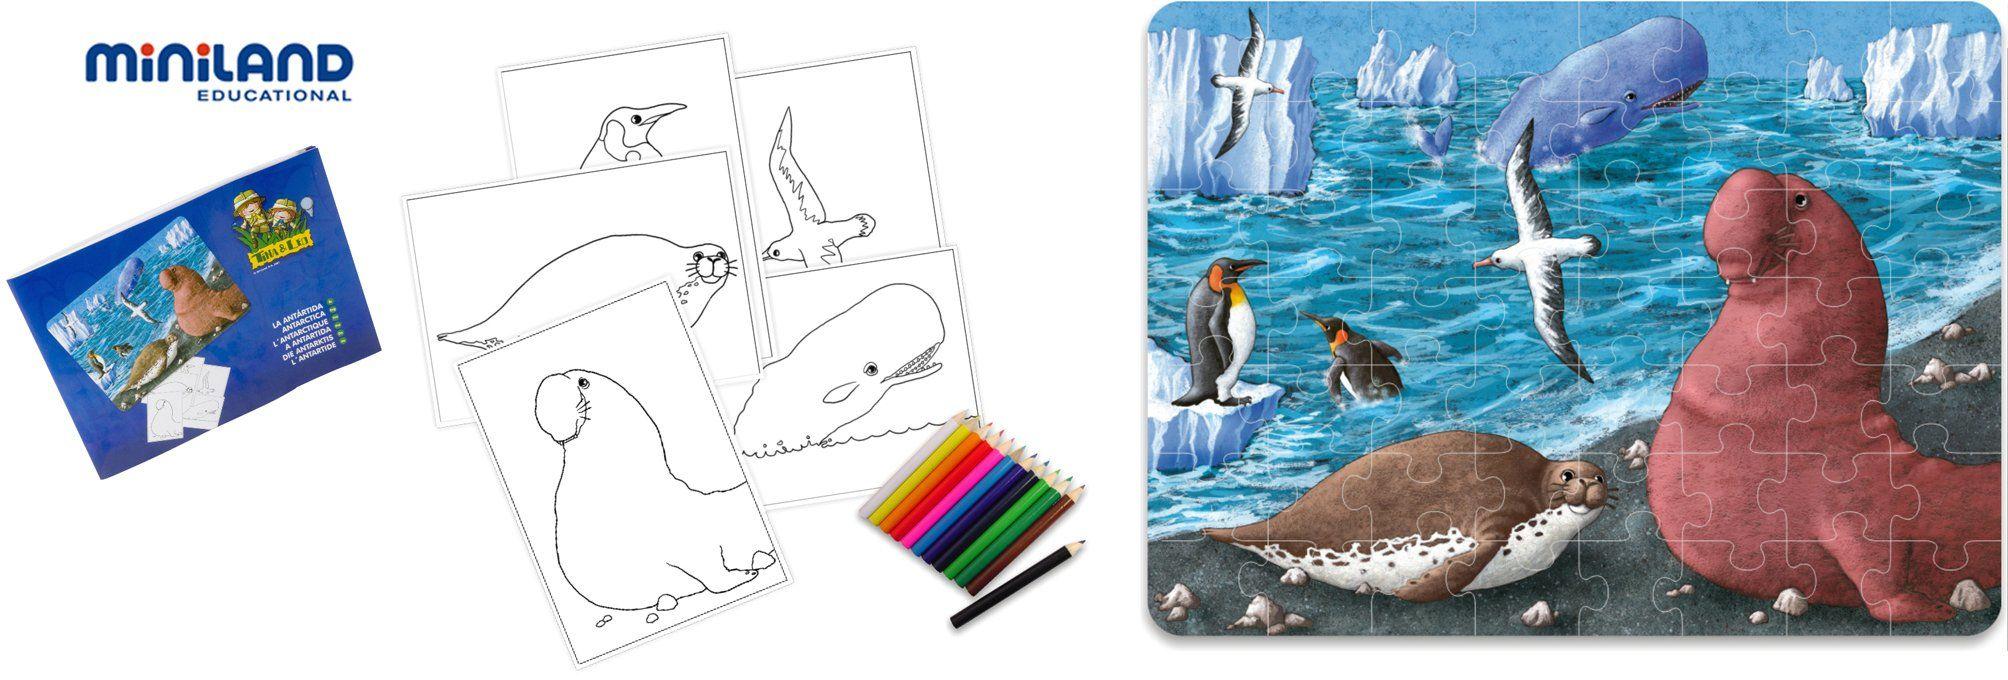 Miniland 36025 - Puzzle przestrzeń życiowa Antarktida 56 części 42 x 31 cm